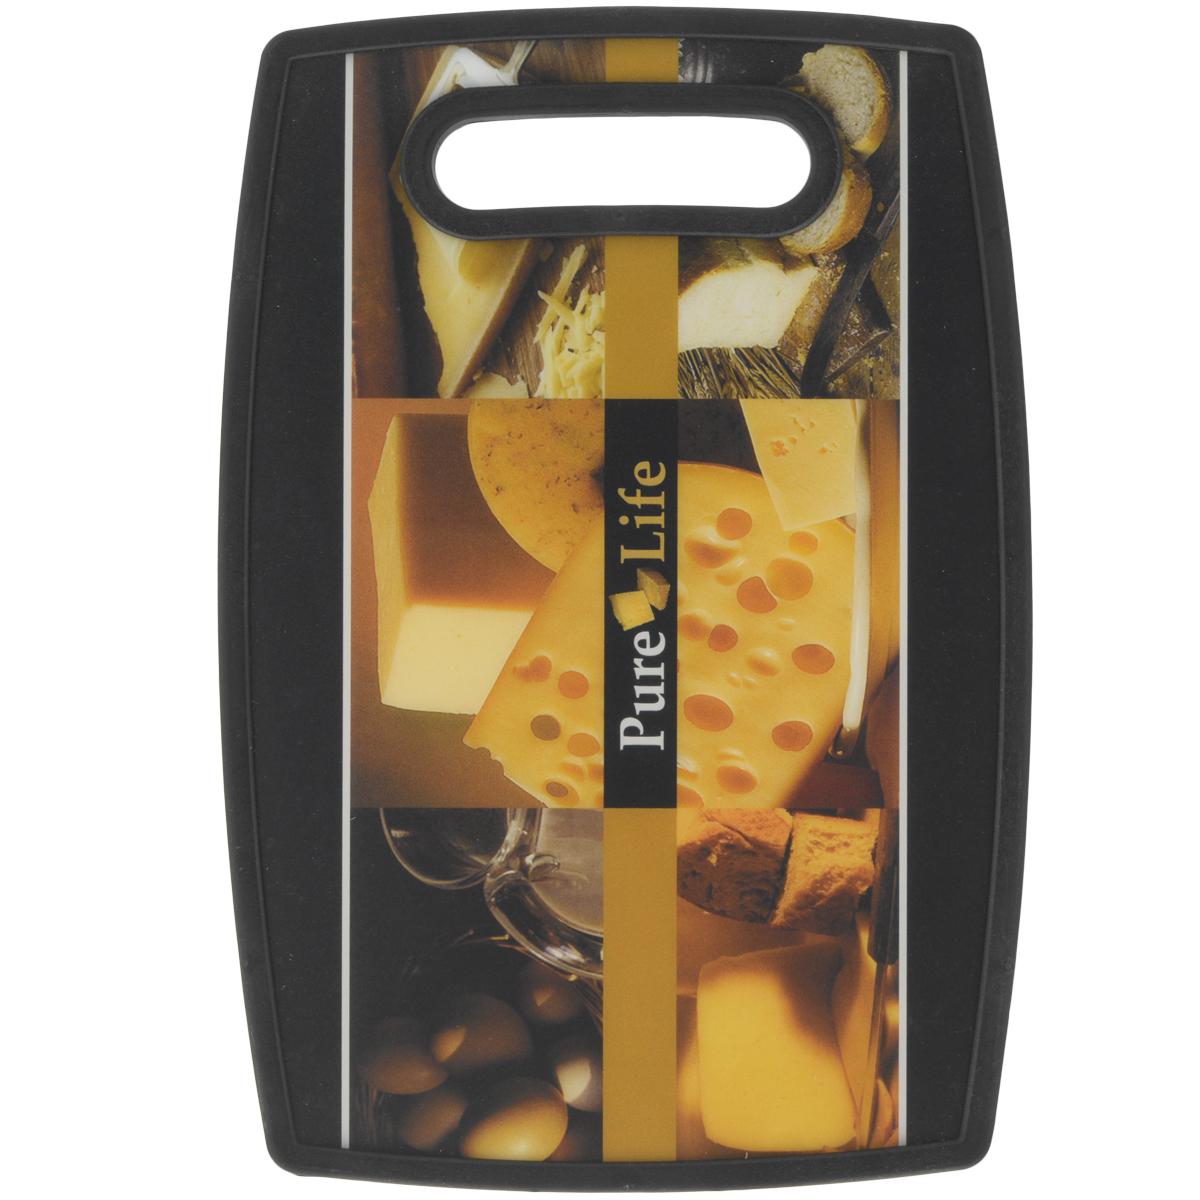 Доска разделочная LaraCook Сыр, 20 см х 30 смLC-1122Доска разделочная LaraCook Сыр, изготовленная из устойчивого к истиранию пластика, займет достойное место среди аксессуаров на вашей кухне. С одной стороны доска имеет однотонное бамбуковое покрытие, а с другой декорирована изображением сыра.Доска имеет высокий коэффициент жесткости и прекрасно подойдет для нарезки любых продуктов. Устойчива к деформации и высоким температурам.